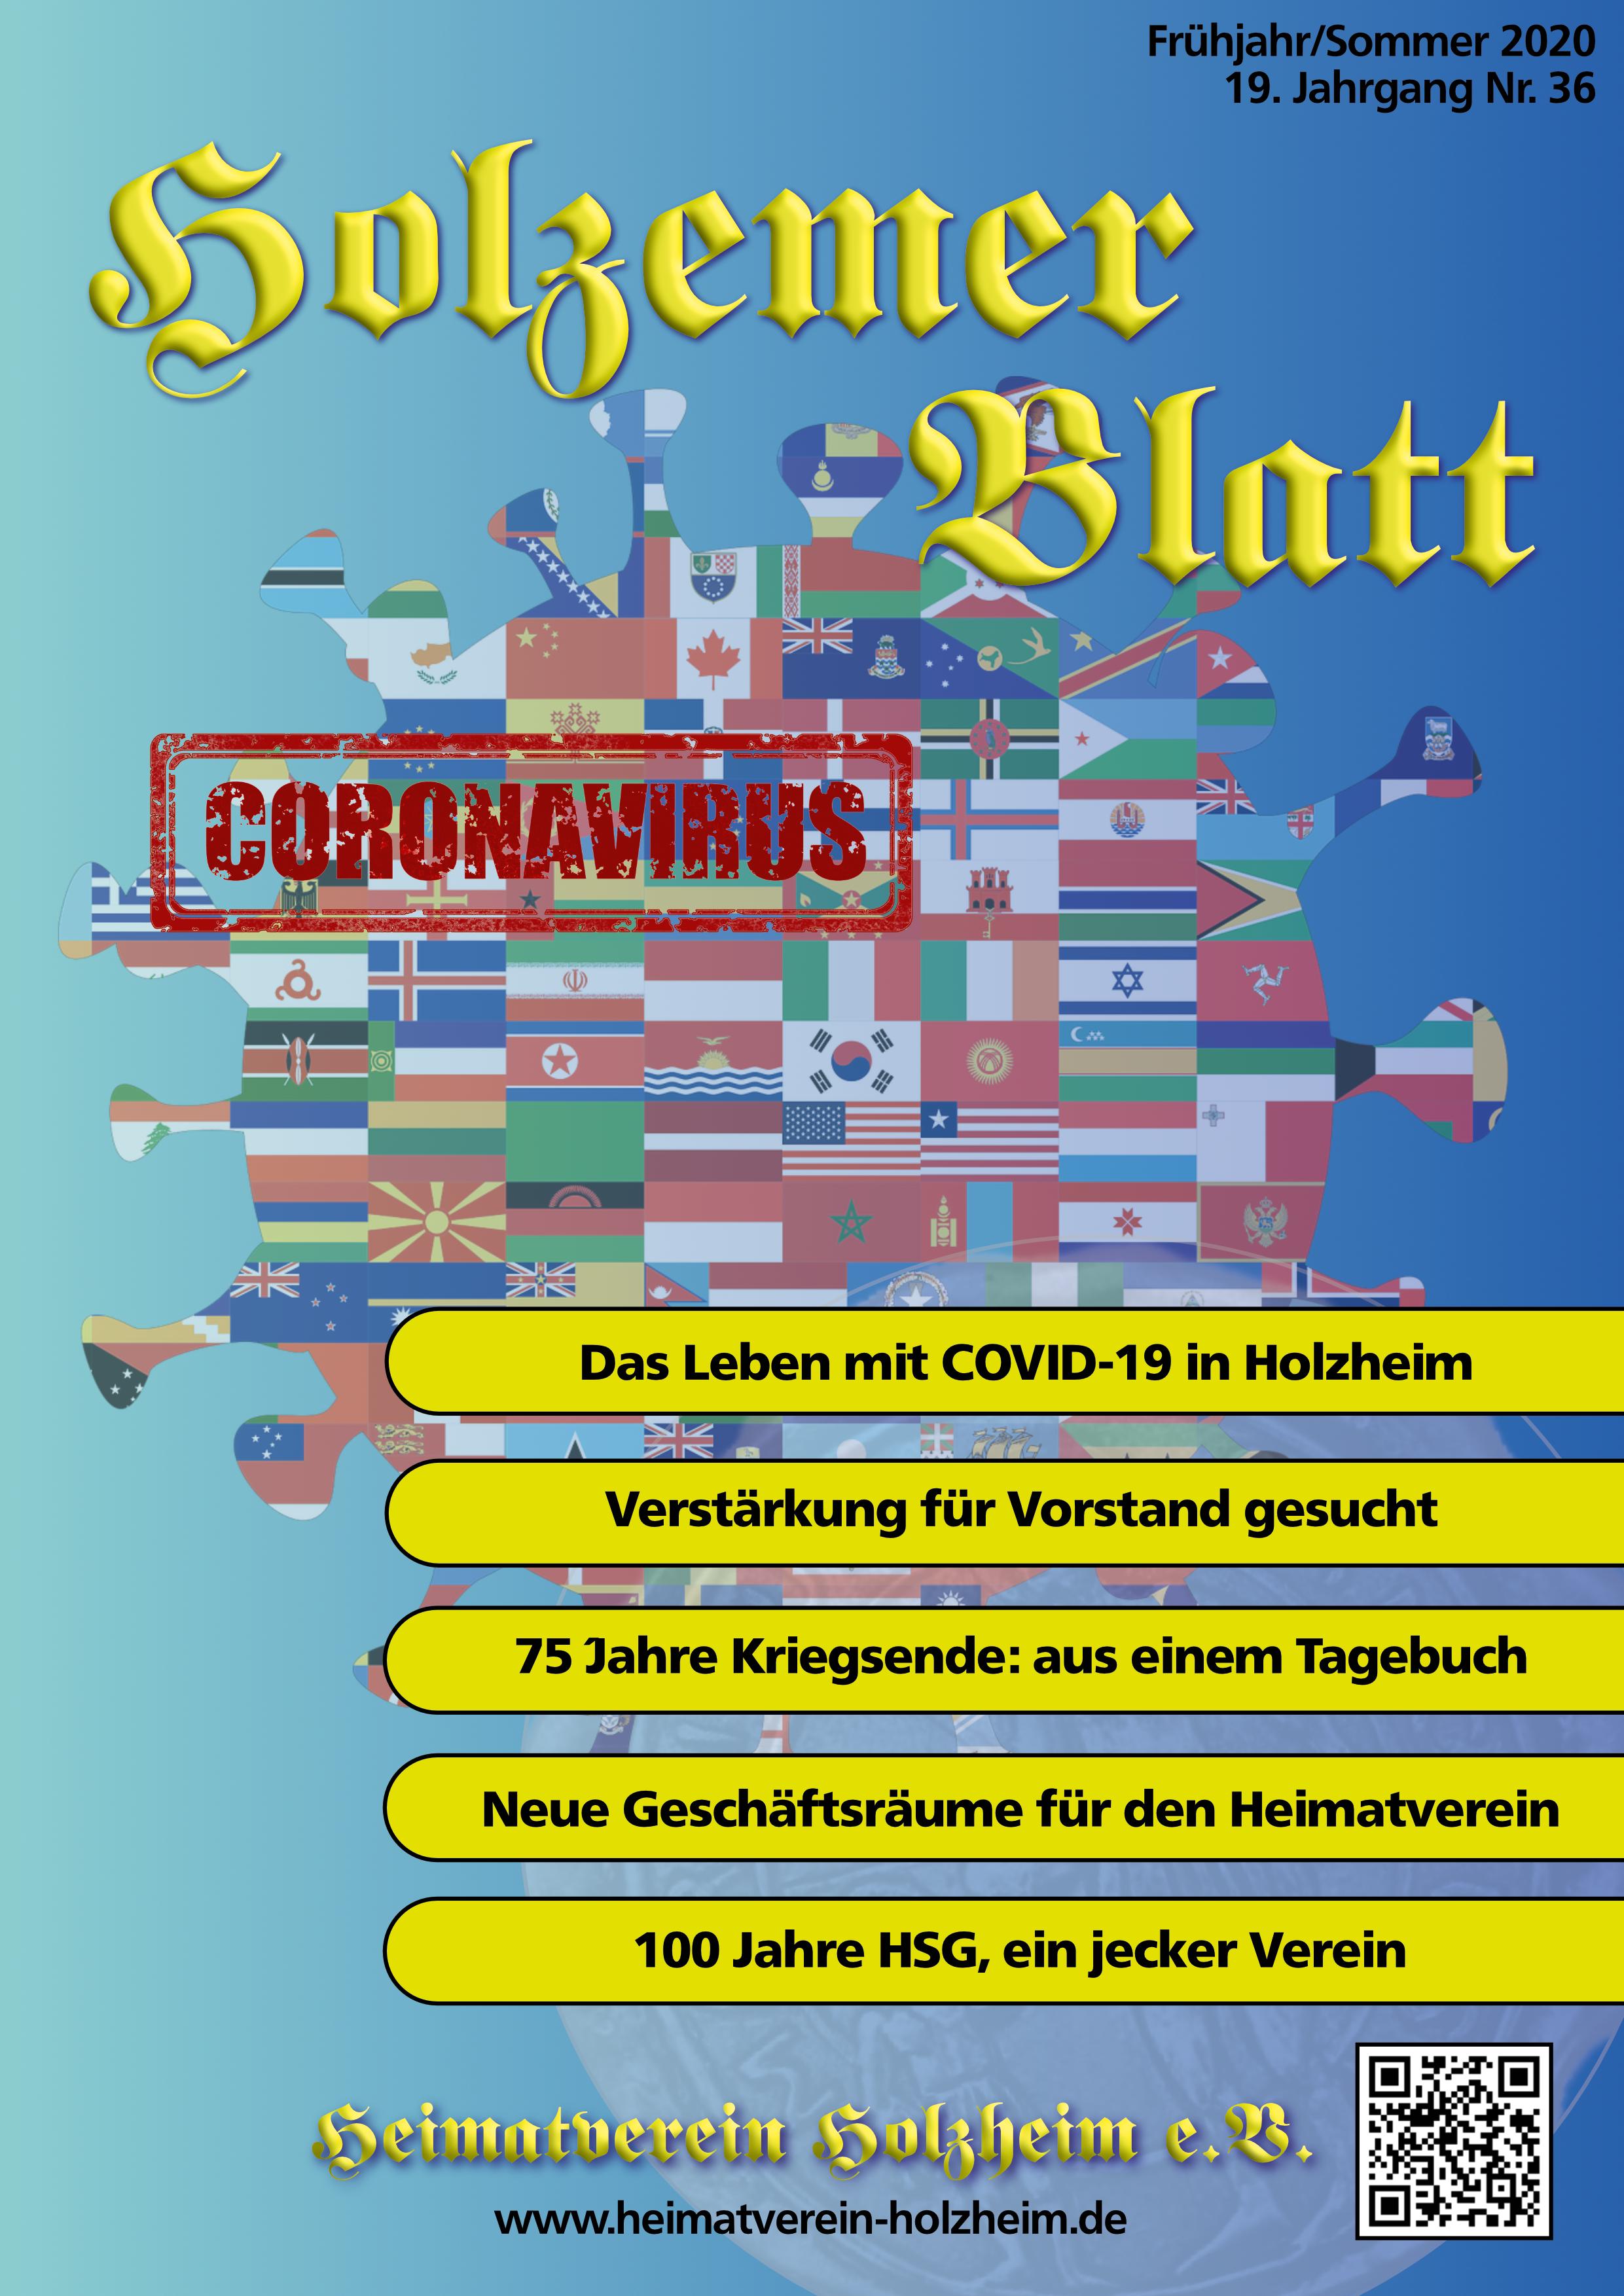 Öffnet die aktuelle Ausgabe des Holzemer Blatt als PDF Dokument